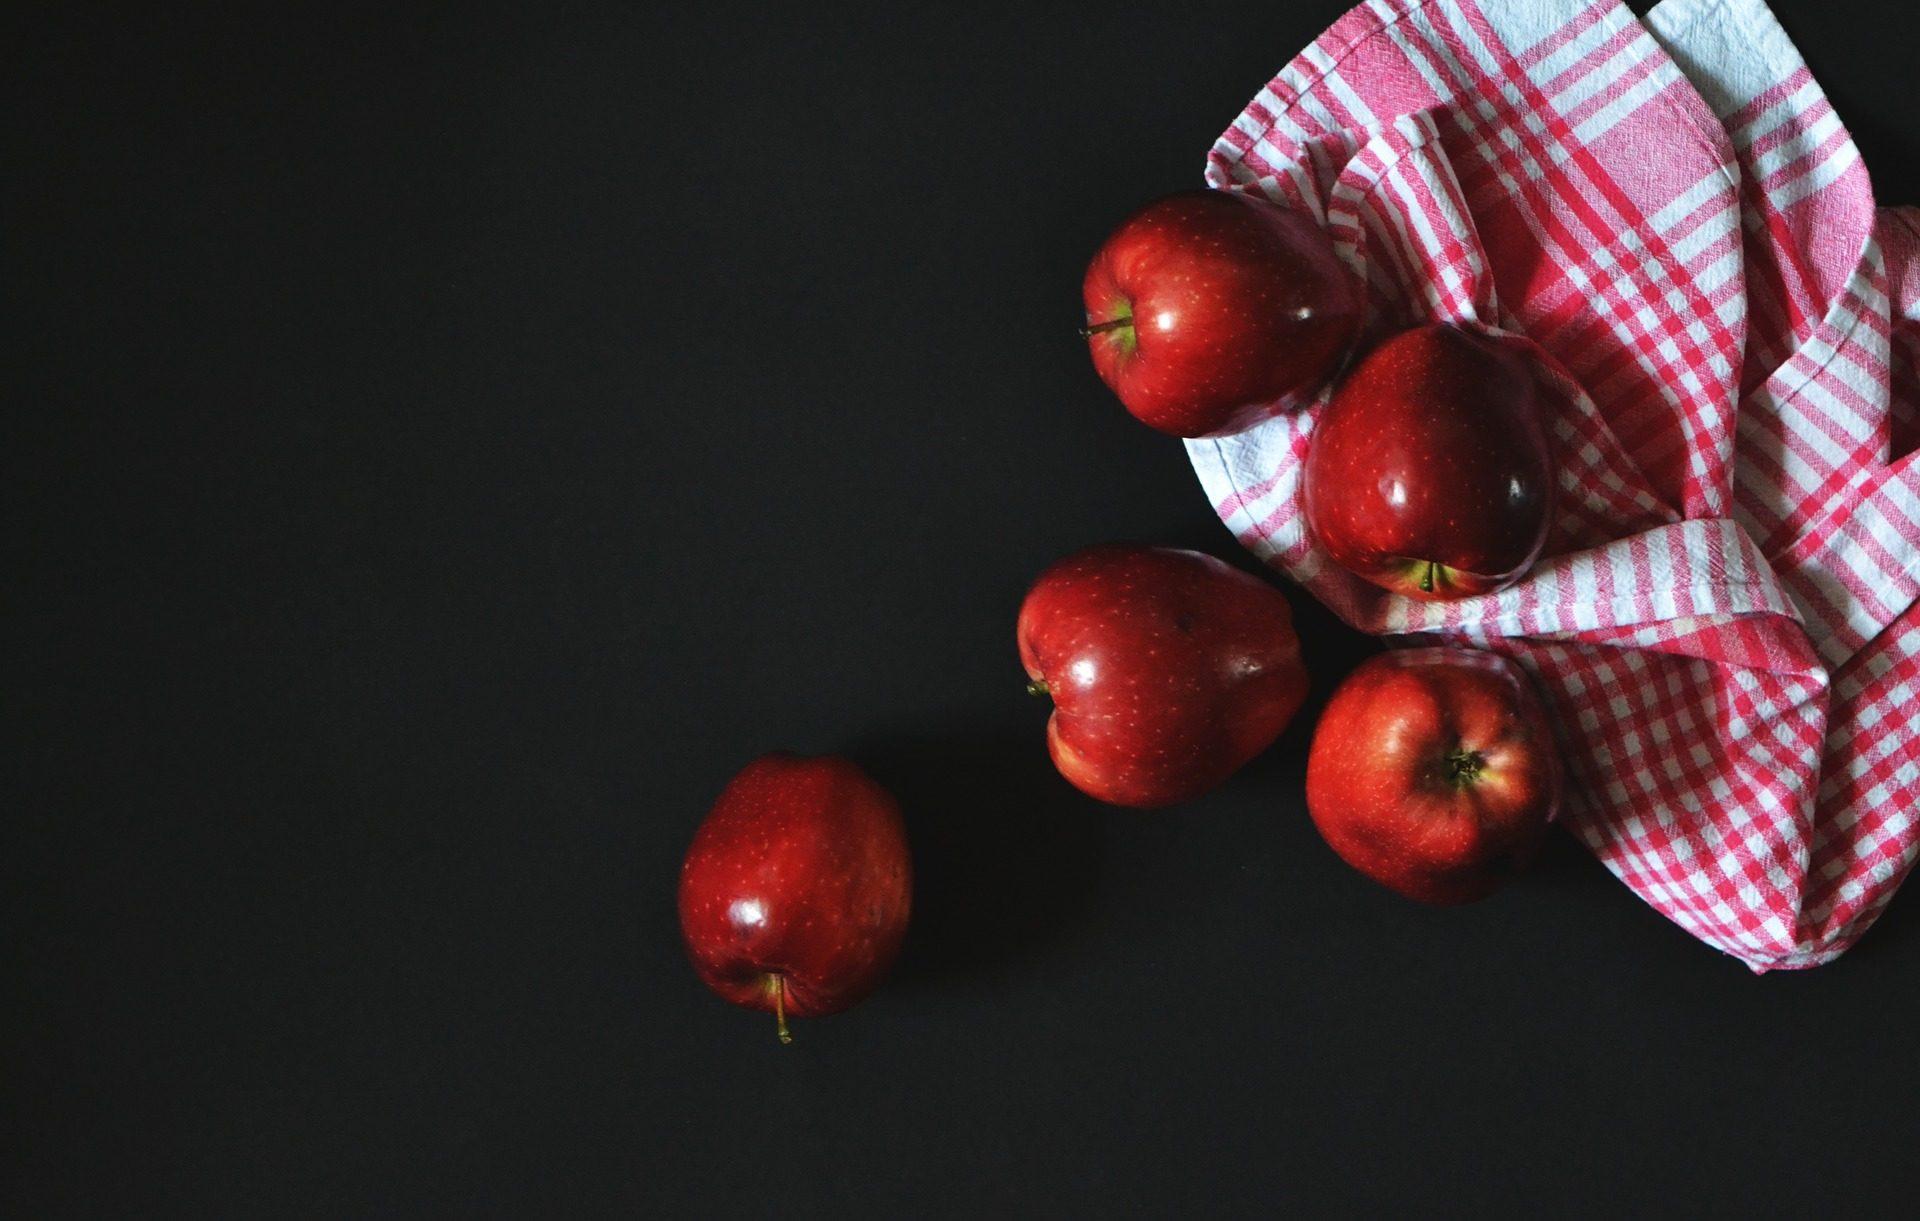 التفاح, تحفظات, فاكهة, سطوع, قماش, منديل - خلفيات عالية الدقة - أستاذ falken.com